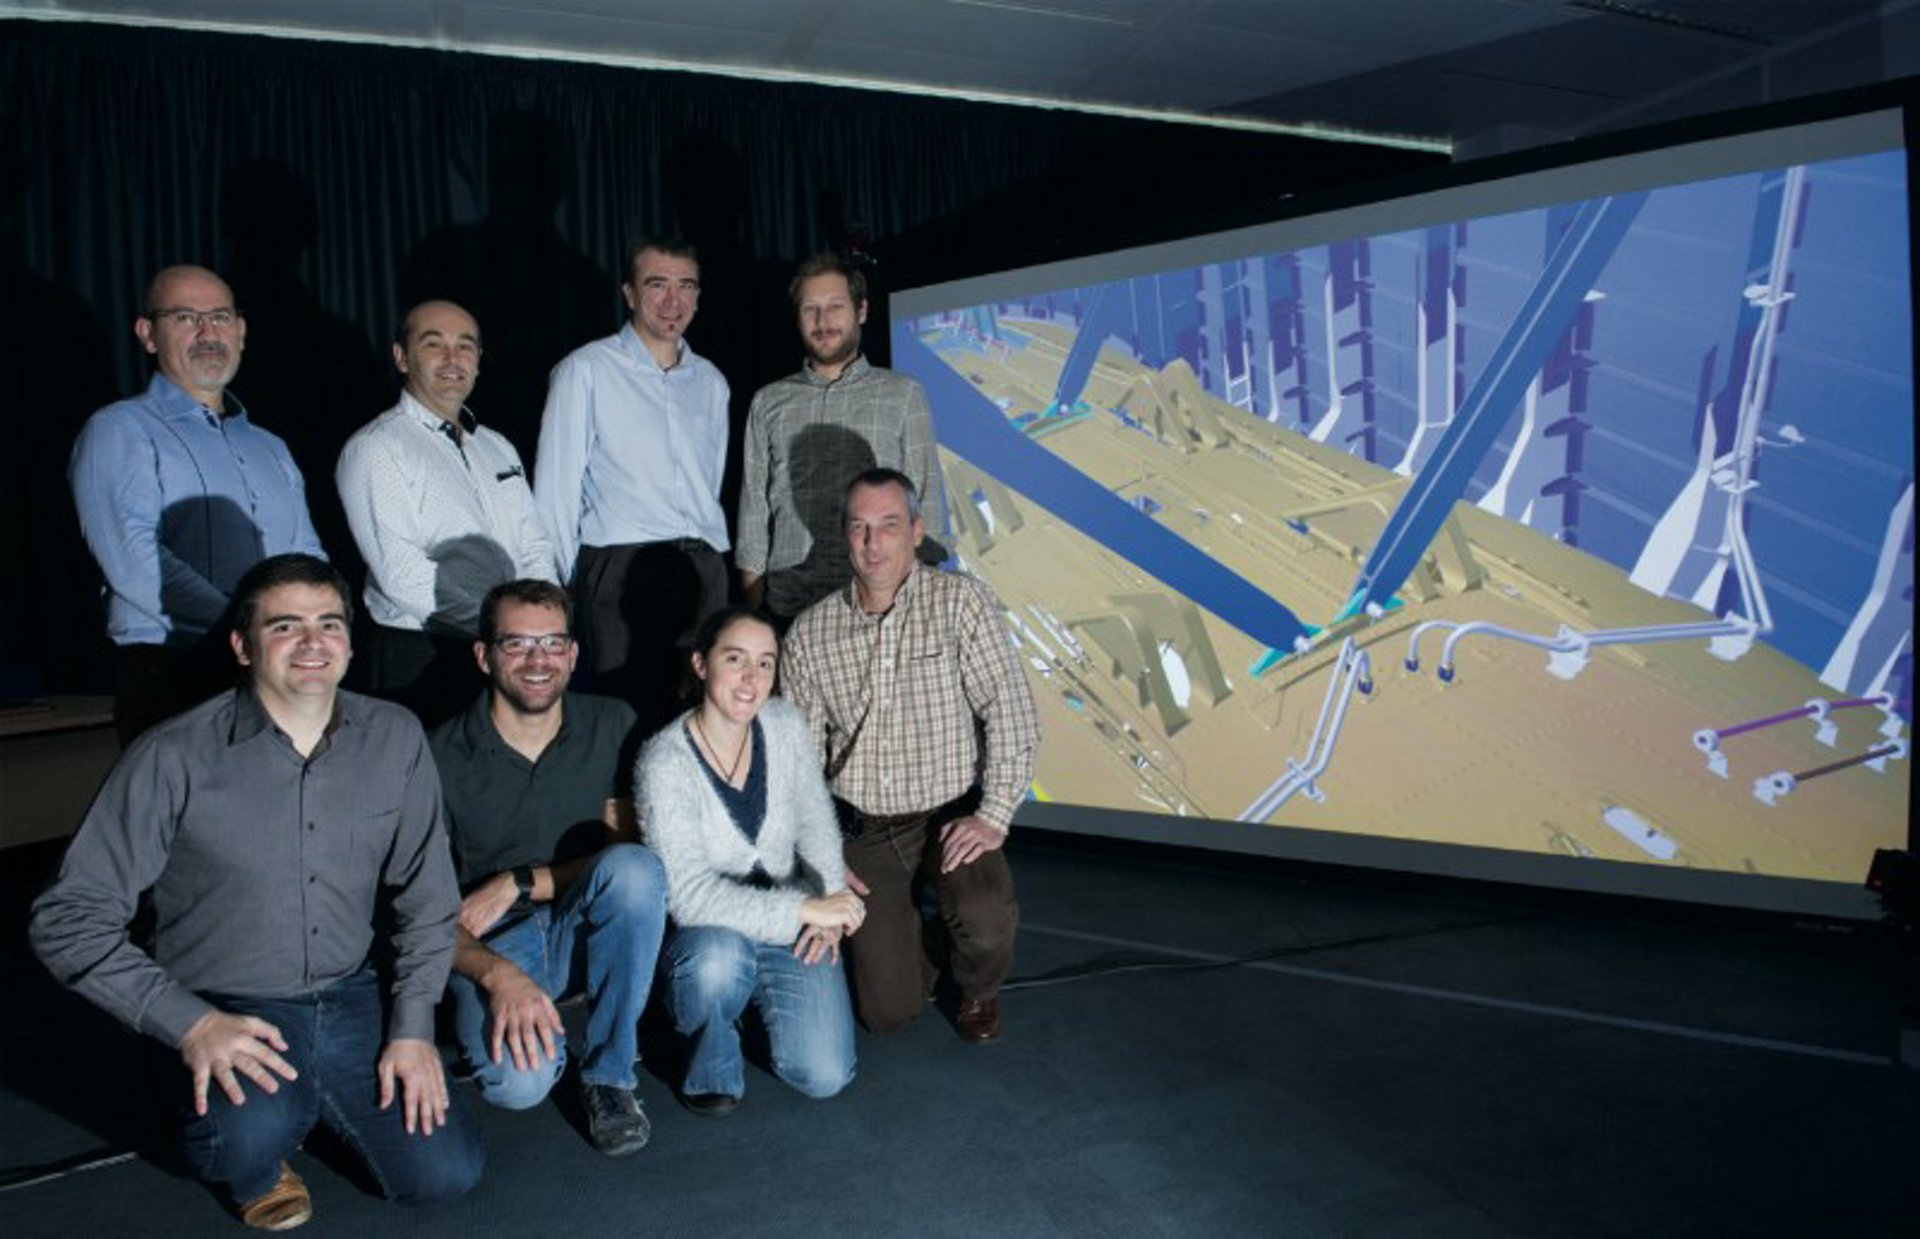 Beluga XL_3D and virtual reality